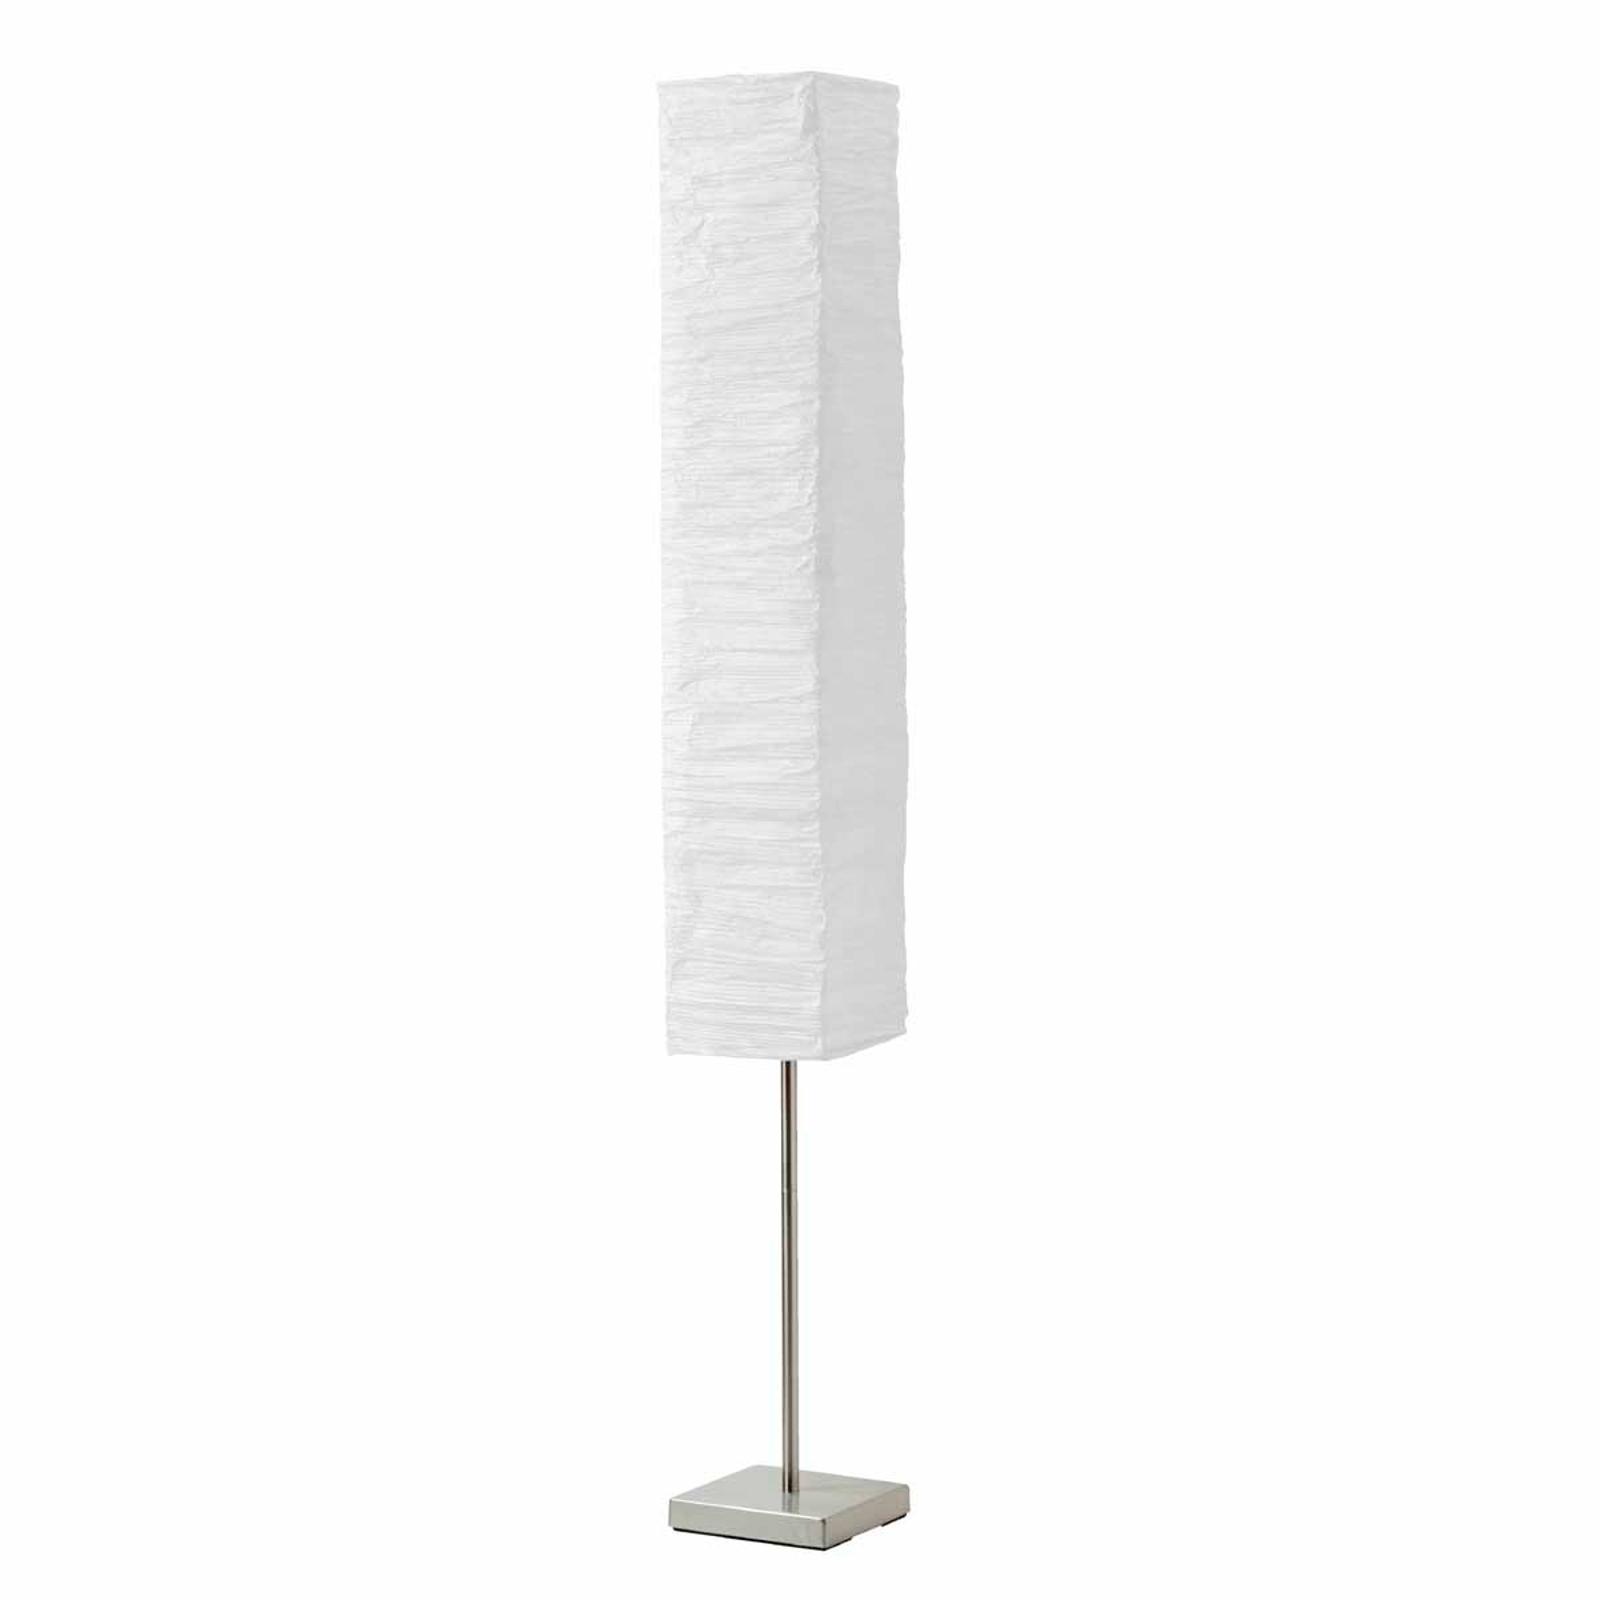 Versátil lámpara de pie Nerva blanca